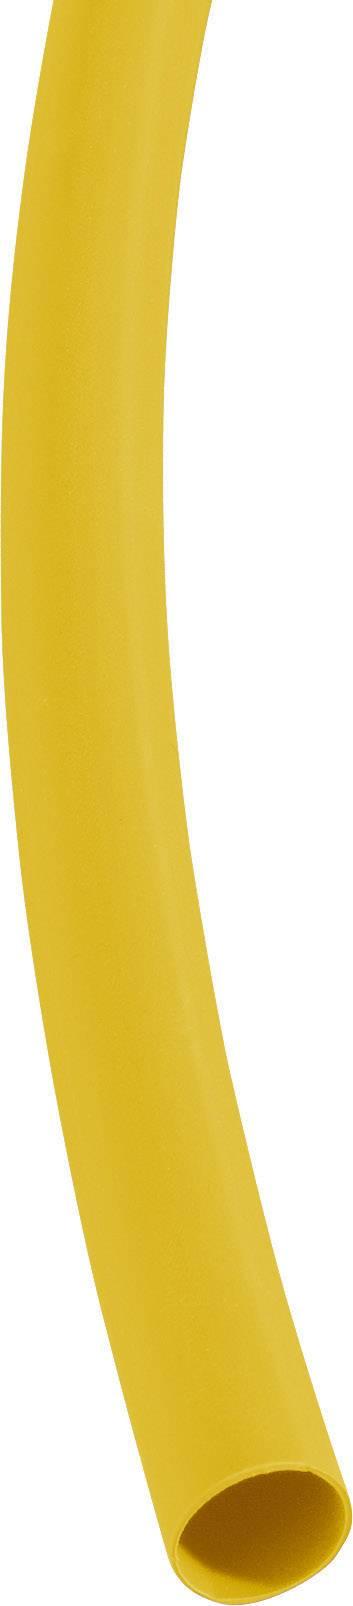 Smršťovací bužírka (1 m) 9/3 mm - žlutá